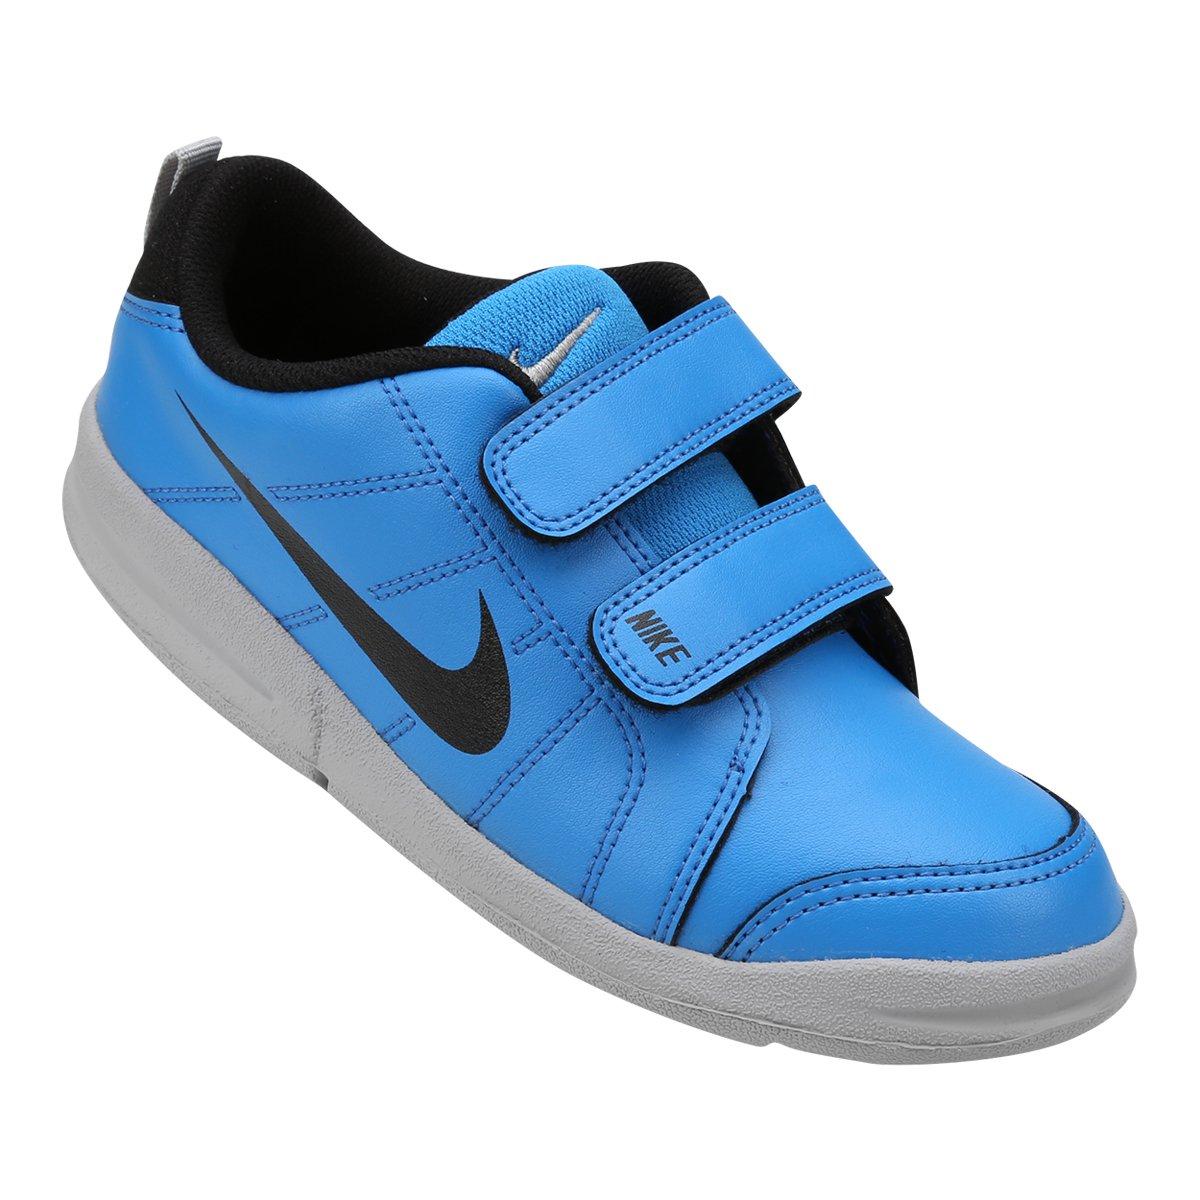 6d332fbdc0e Tênis Infantil Nike Pico Lt - Azul e Cinza - Compre Agora